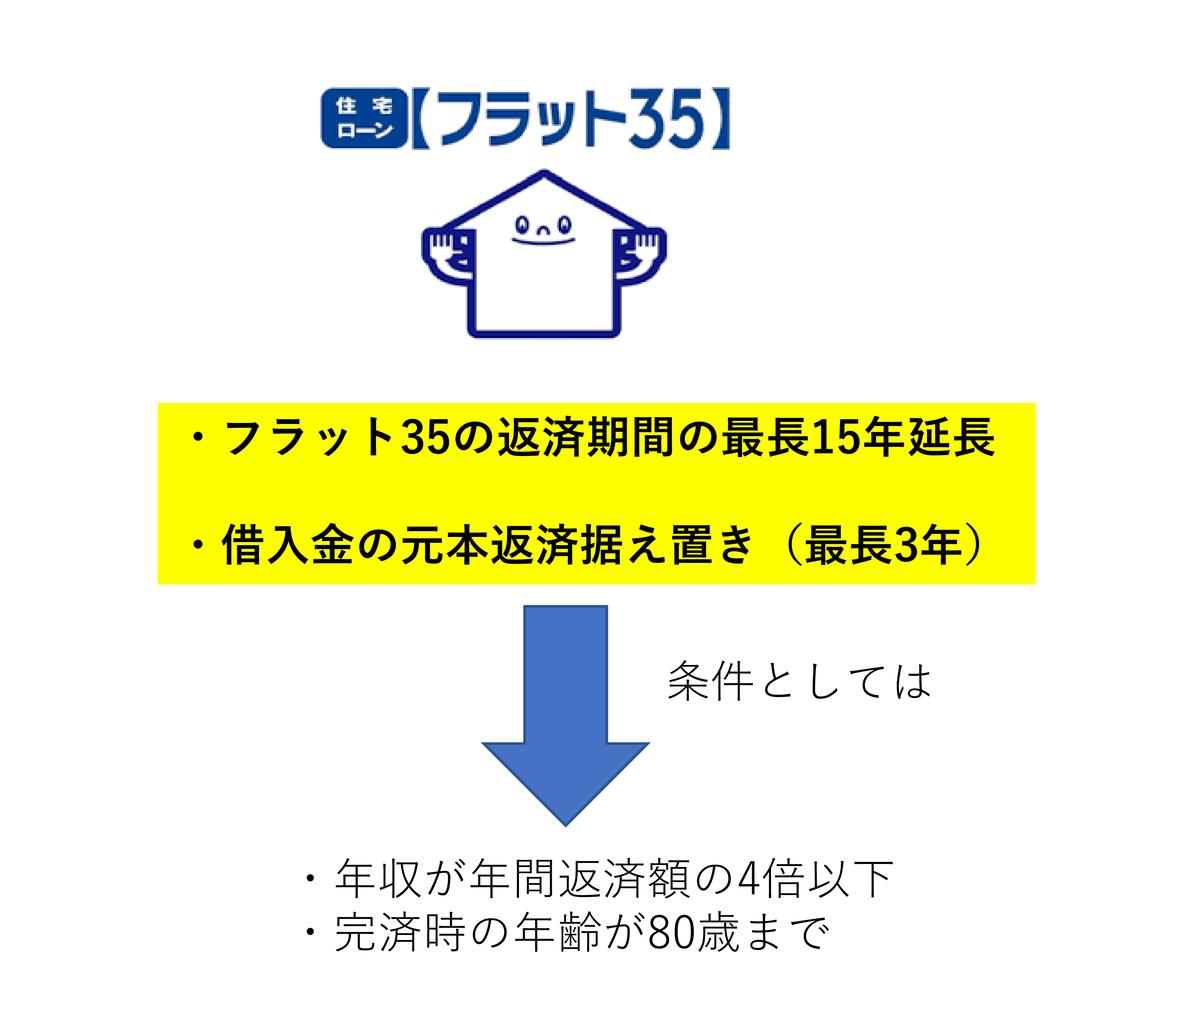 f:id:lidix:20200620140916p:plain